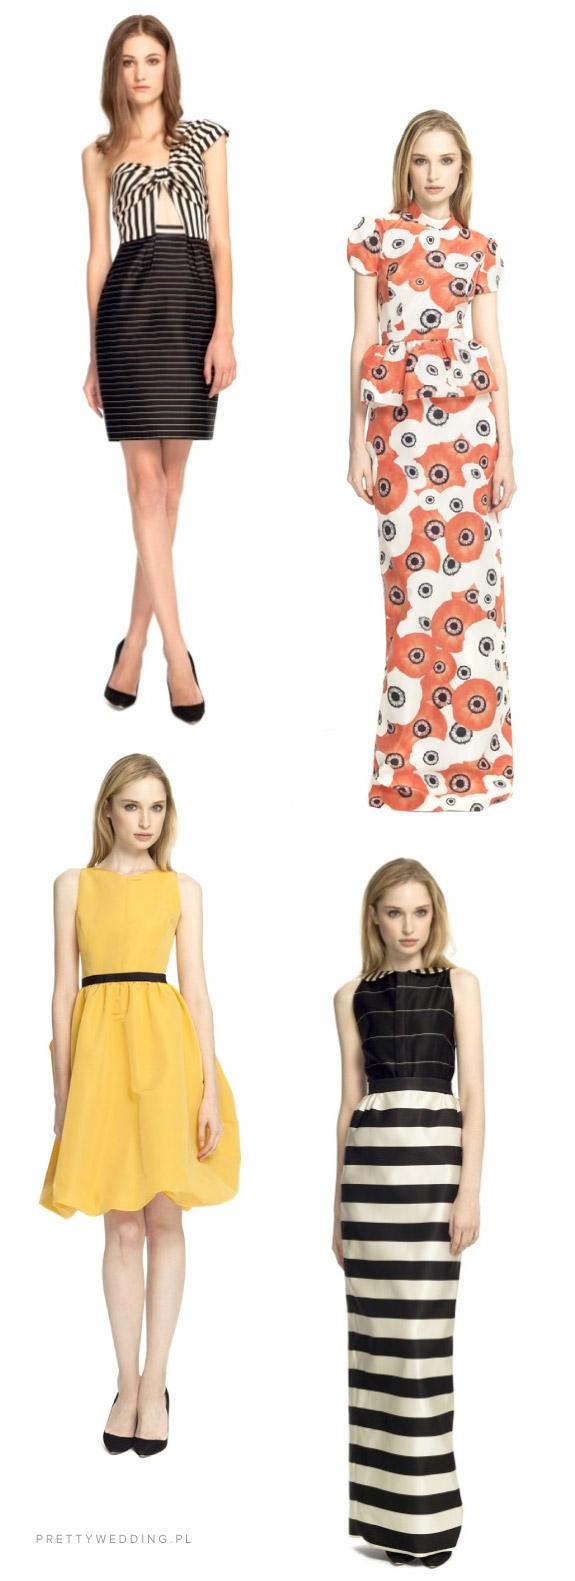 Proste i eleganckie kreacje Katie Ermilio na wiosnę 2013